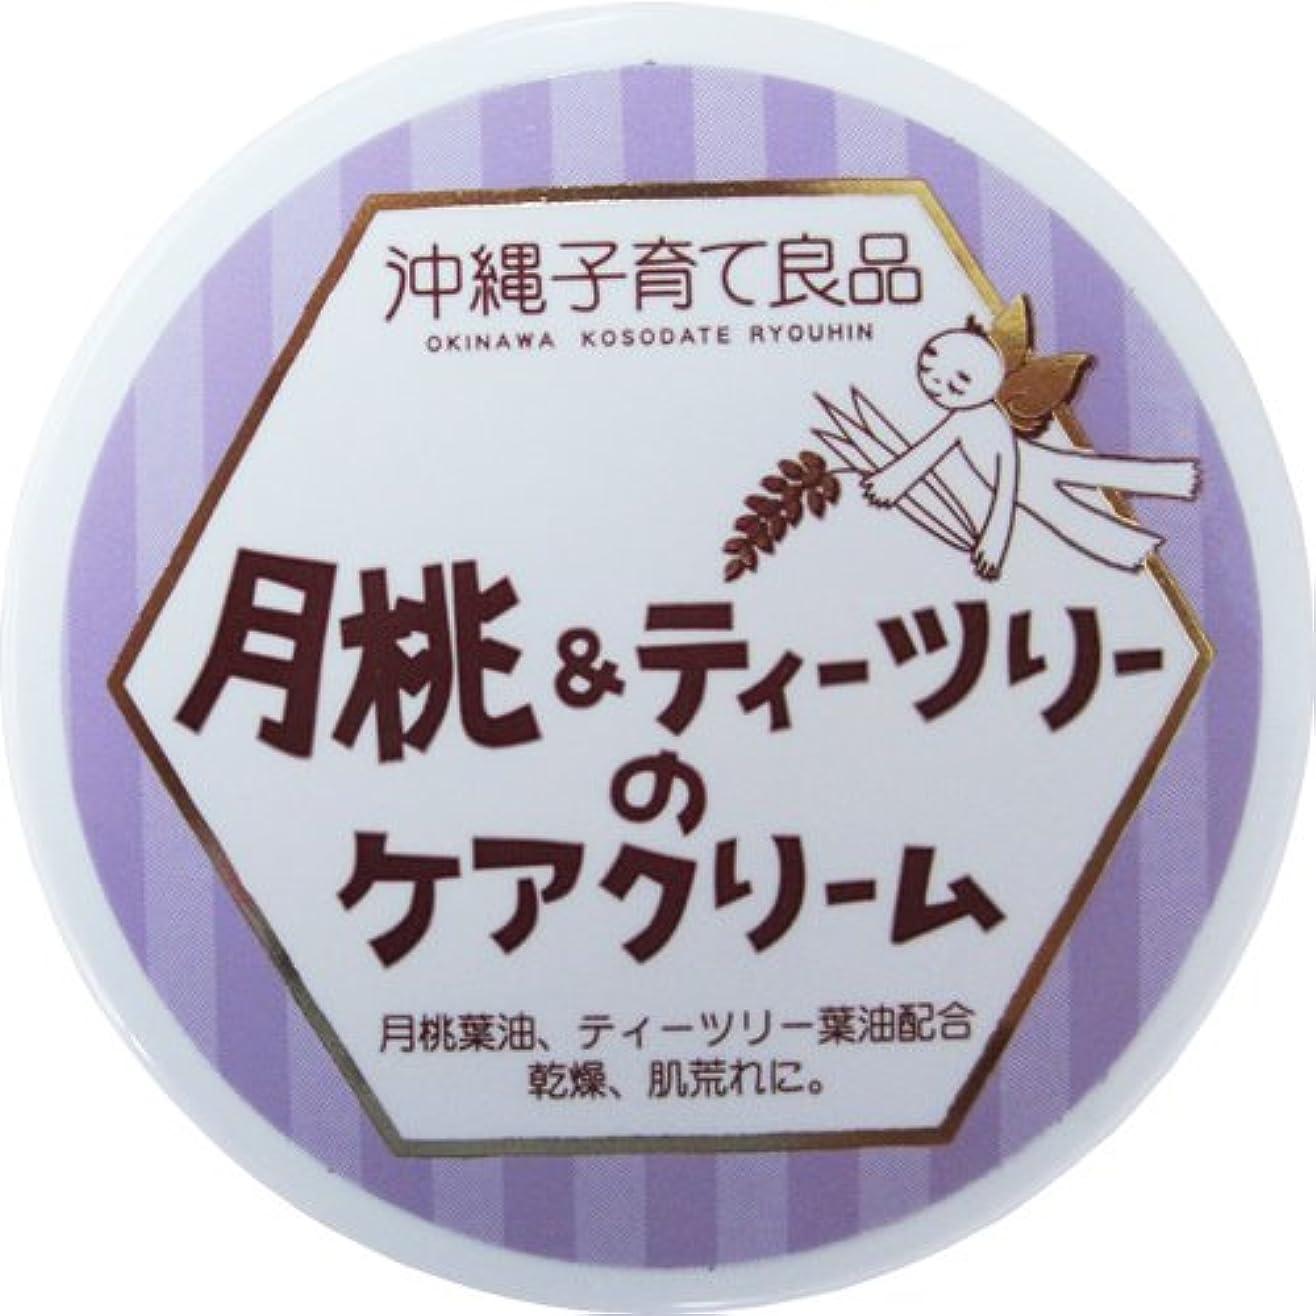 負荷魔術師玉沖縄子育て良品 月桃&ティツリーのケアクリーム (25g)